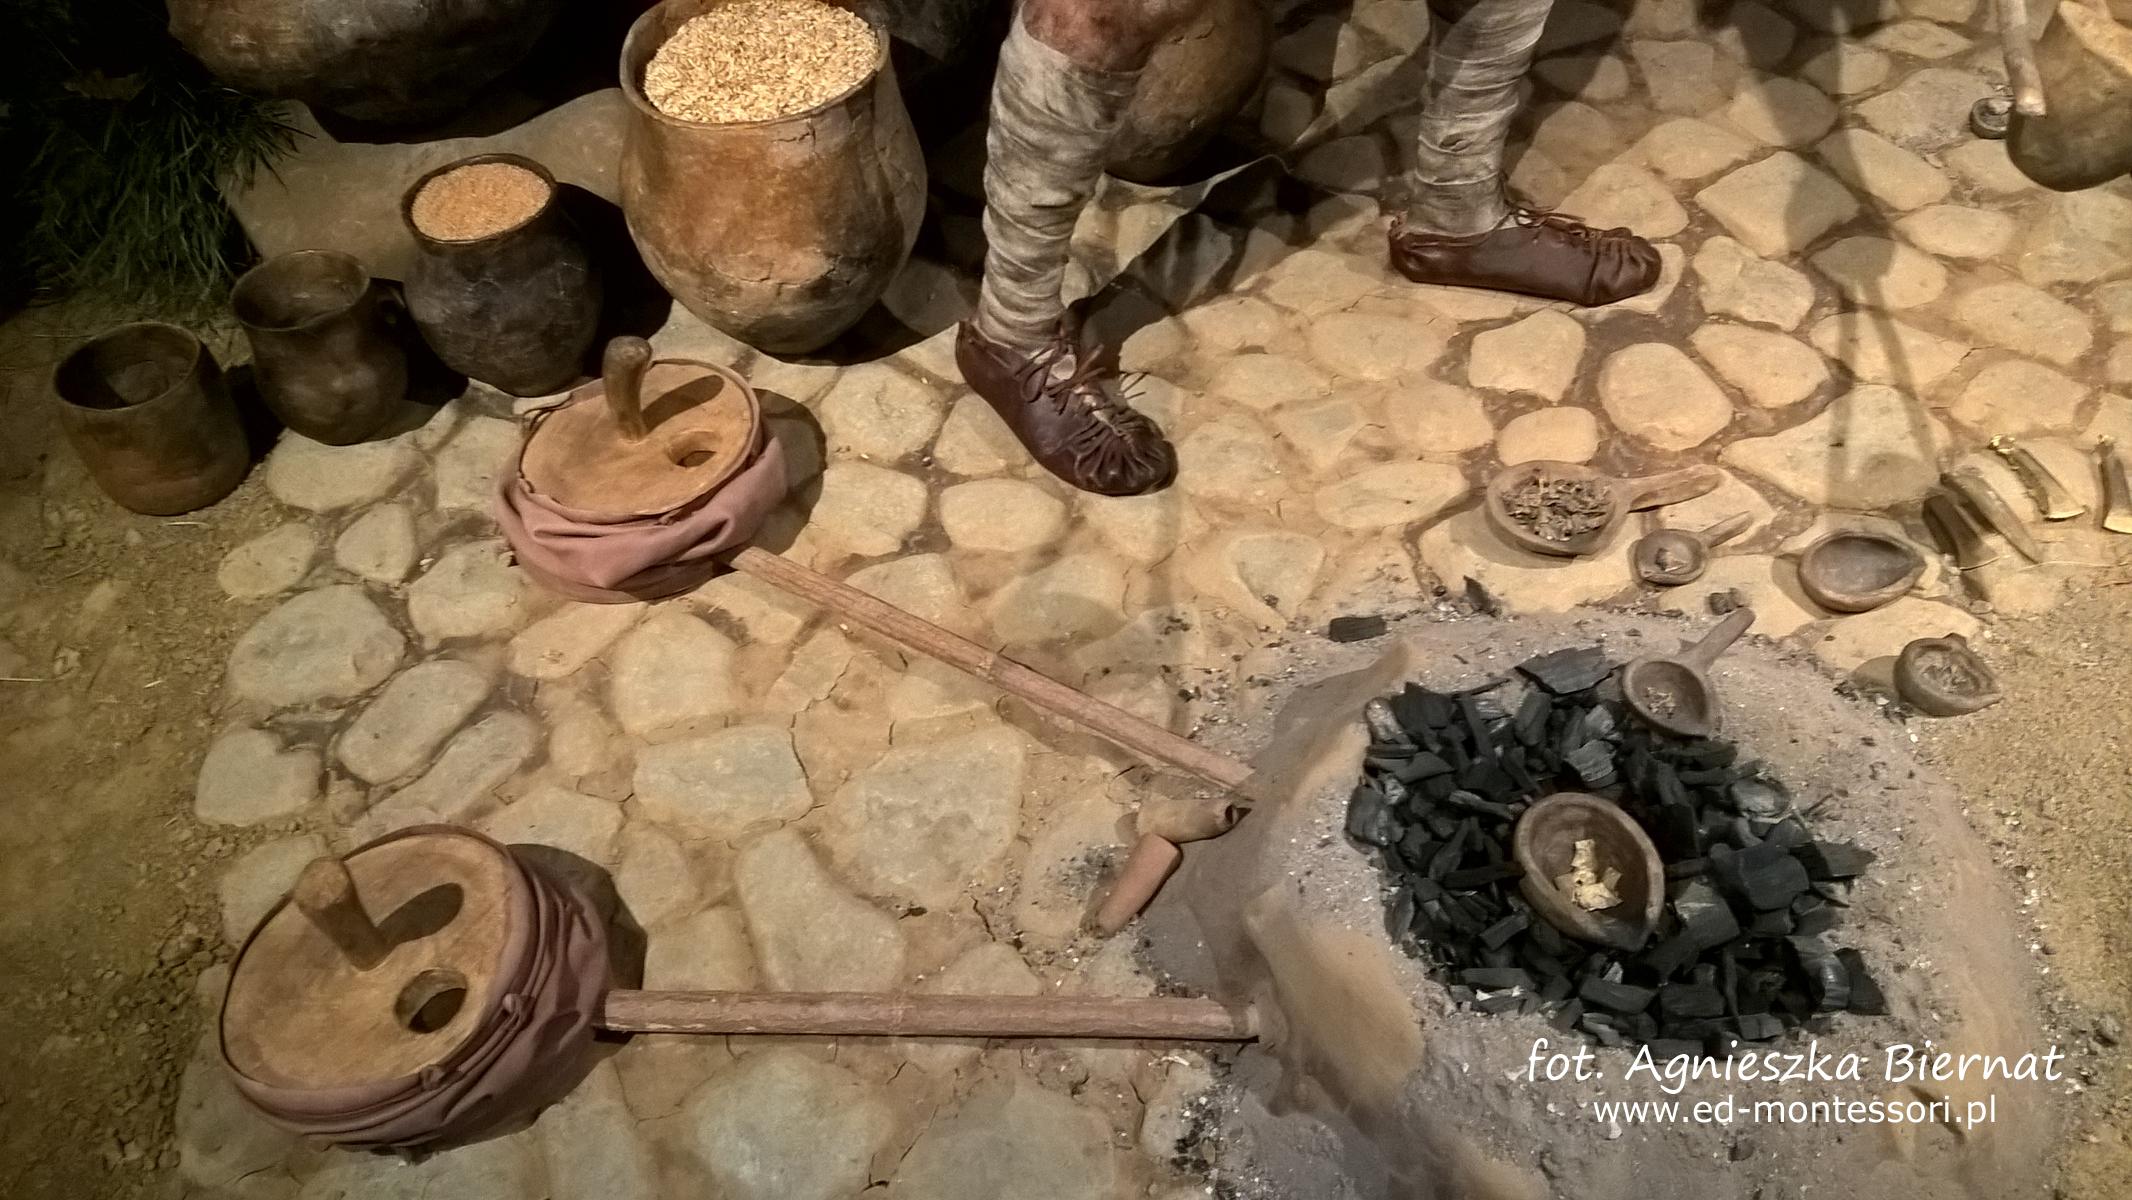 Piec, w którym wyrabiano przedmioty z brązu